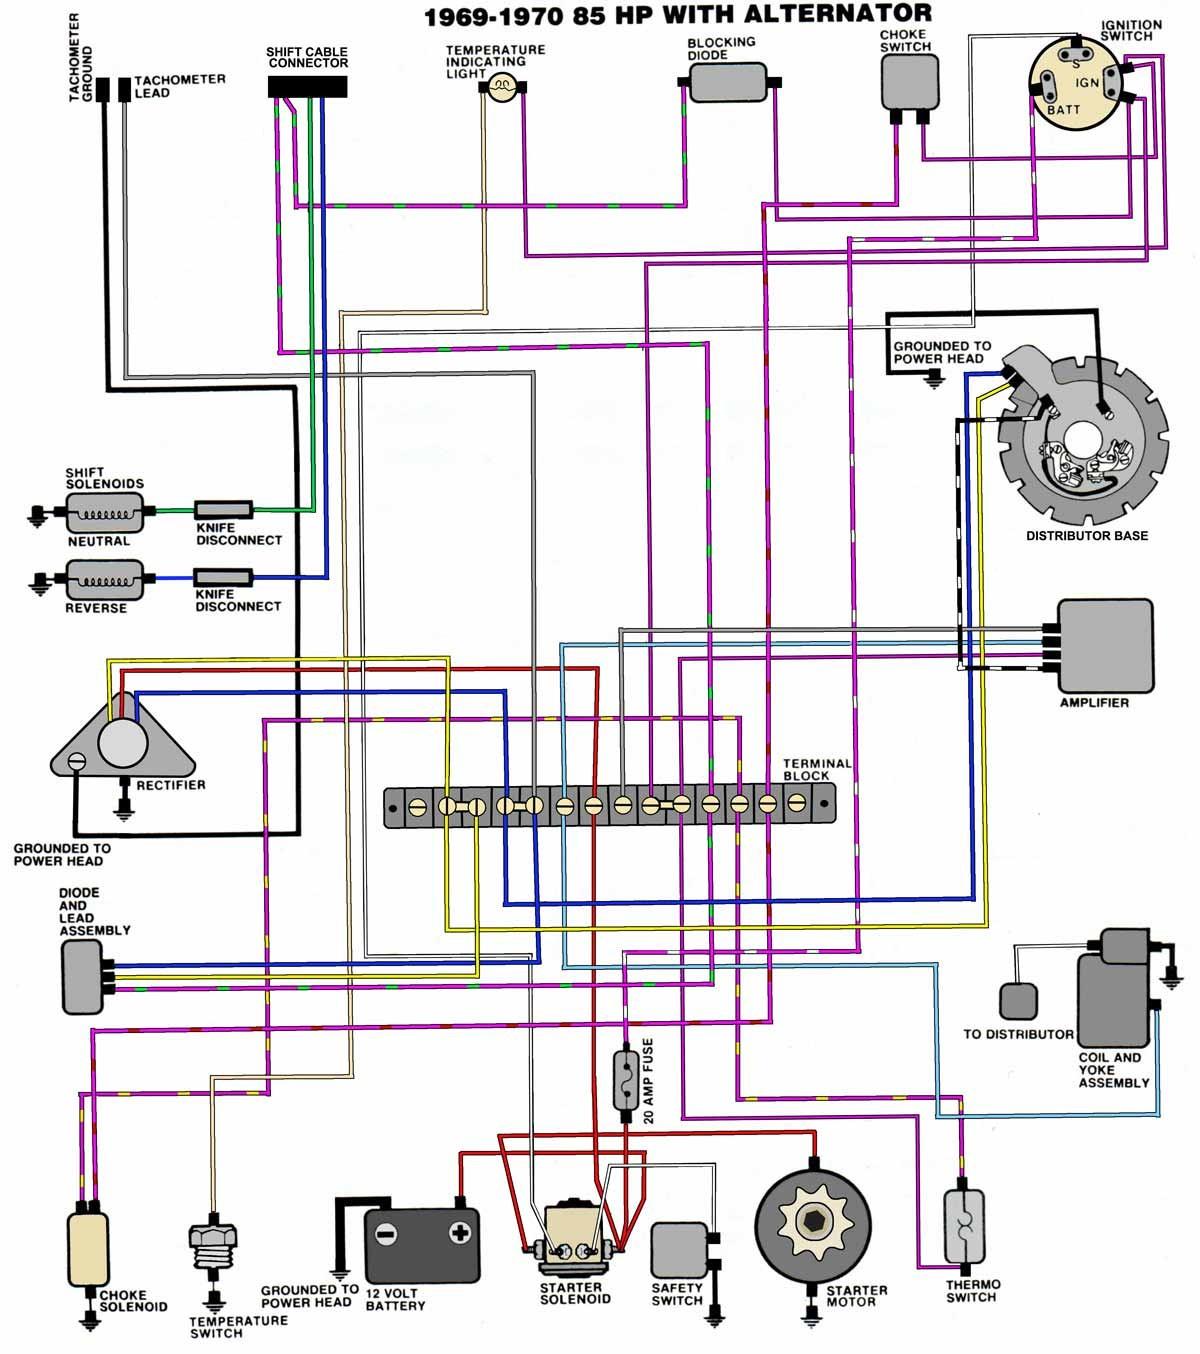 Diagram 2 5l Omc Wiring Diagram Full Version Hd Quality Wiring Diagram Customwiringdfw Media90 It